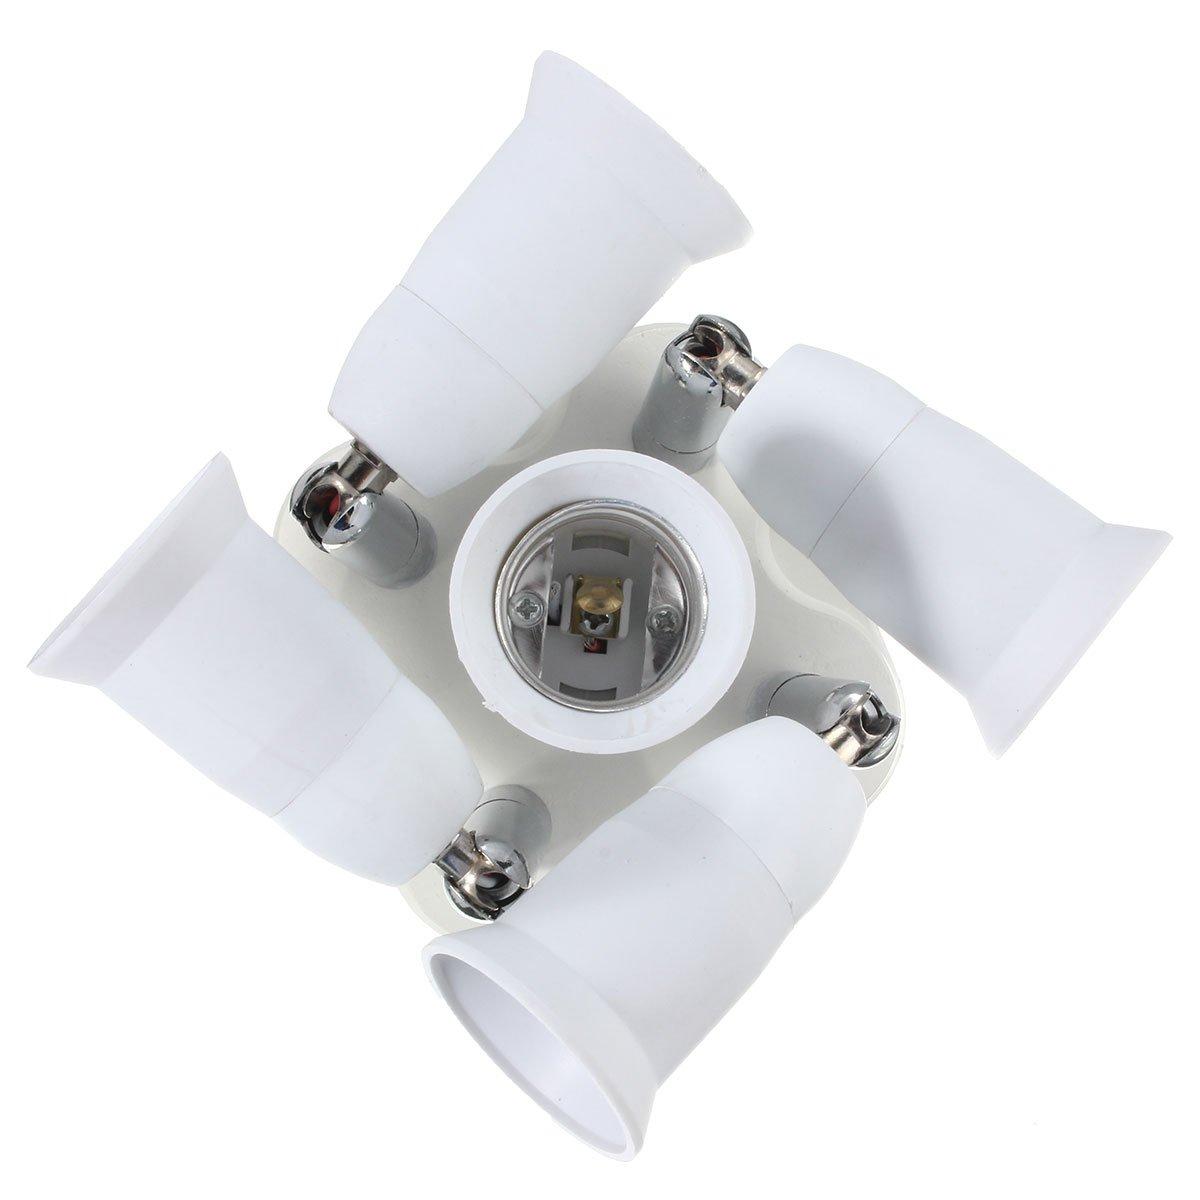 5 in 1 Light Socket Adapter KINGSO E26/E27 Splitter for Standard LED Bulbs Converter with 360 Degrees Adjustable 180 Degree Bending 110-240V 200℃ Heat Resistant No Fire Hazard by KINGSO (Image #2)